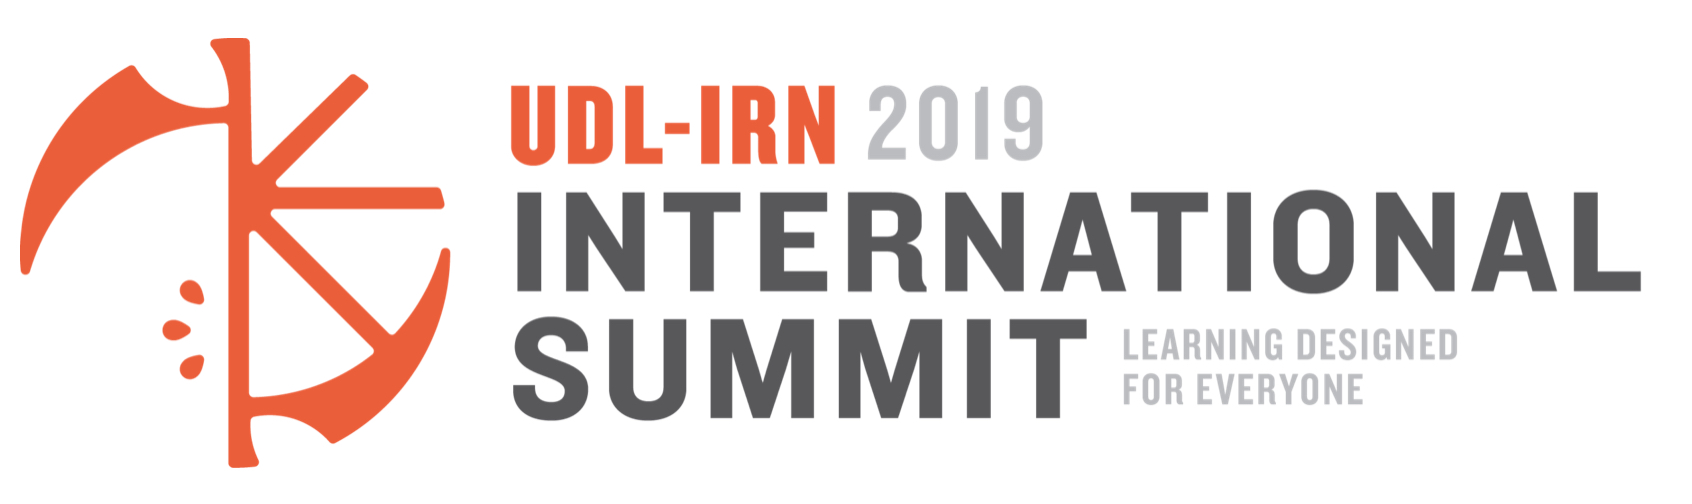 UDL-IRN 2019 International Summit Logo